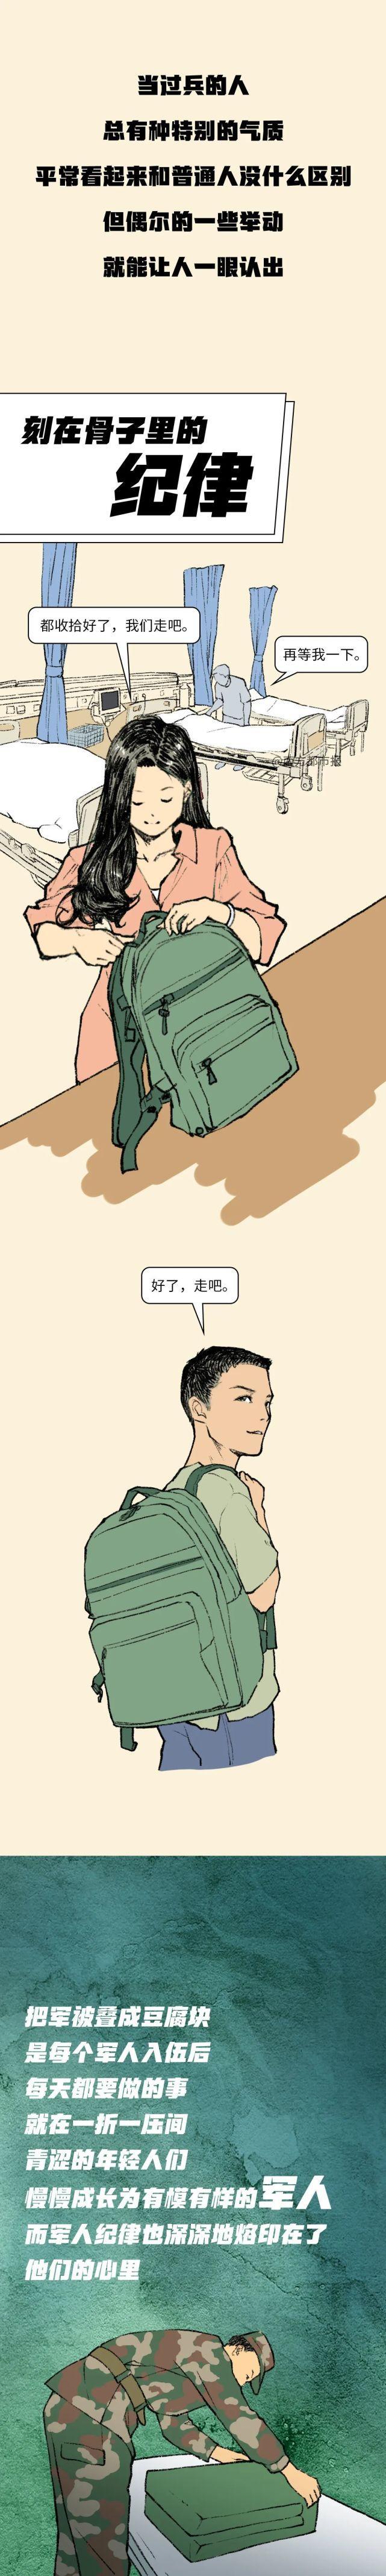 这,就是中国退役军人!